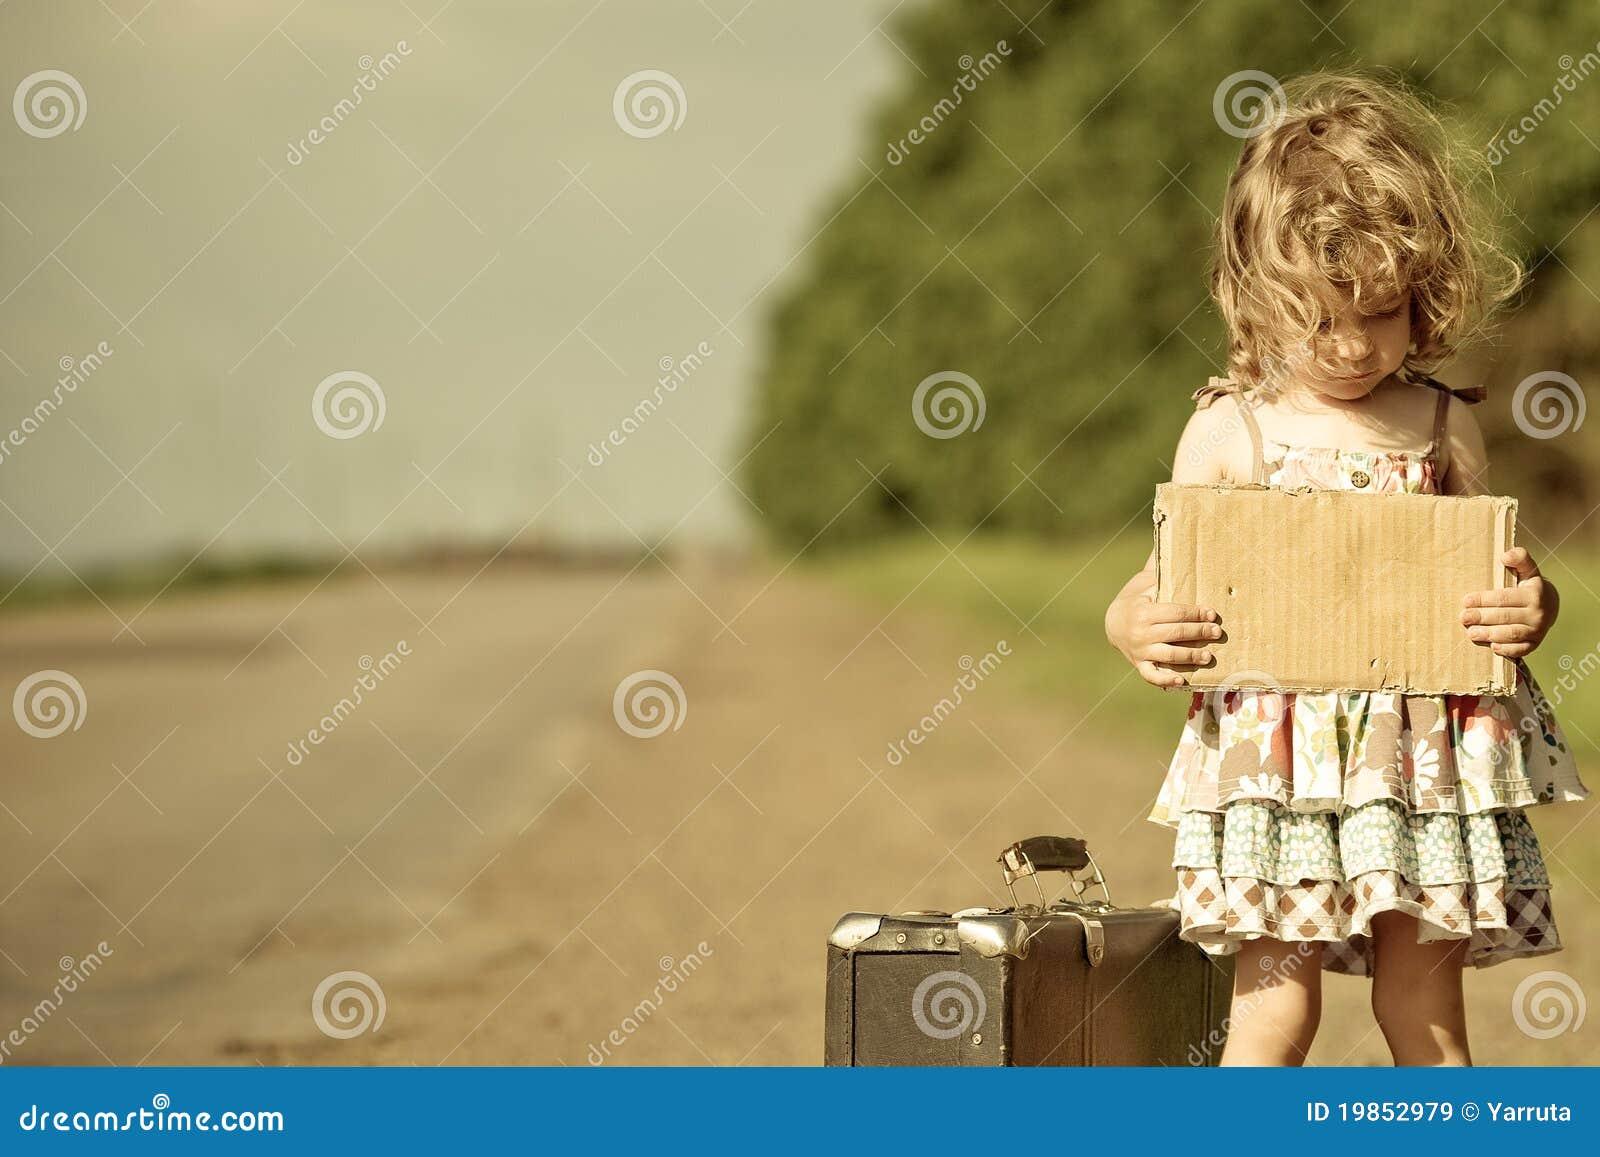 Ragazza sola con la valigia che si leva in piedi circa la strada